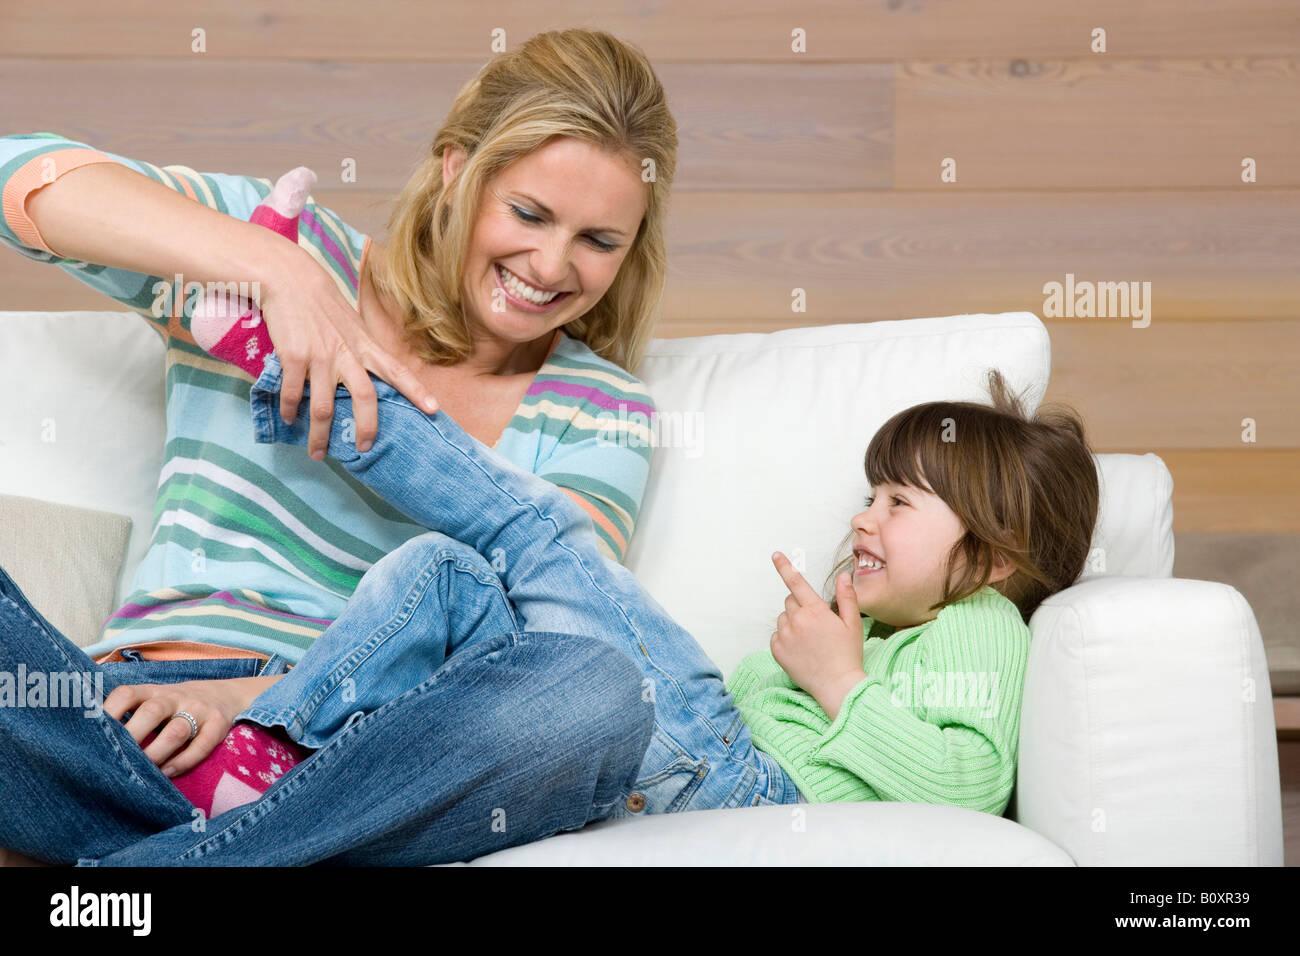 Madre e figlia (6-7) seduto sul divano, ritratto Immagini Stock